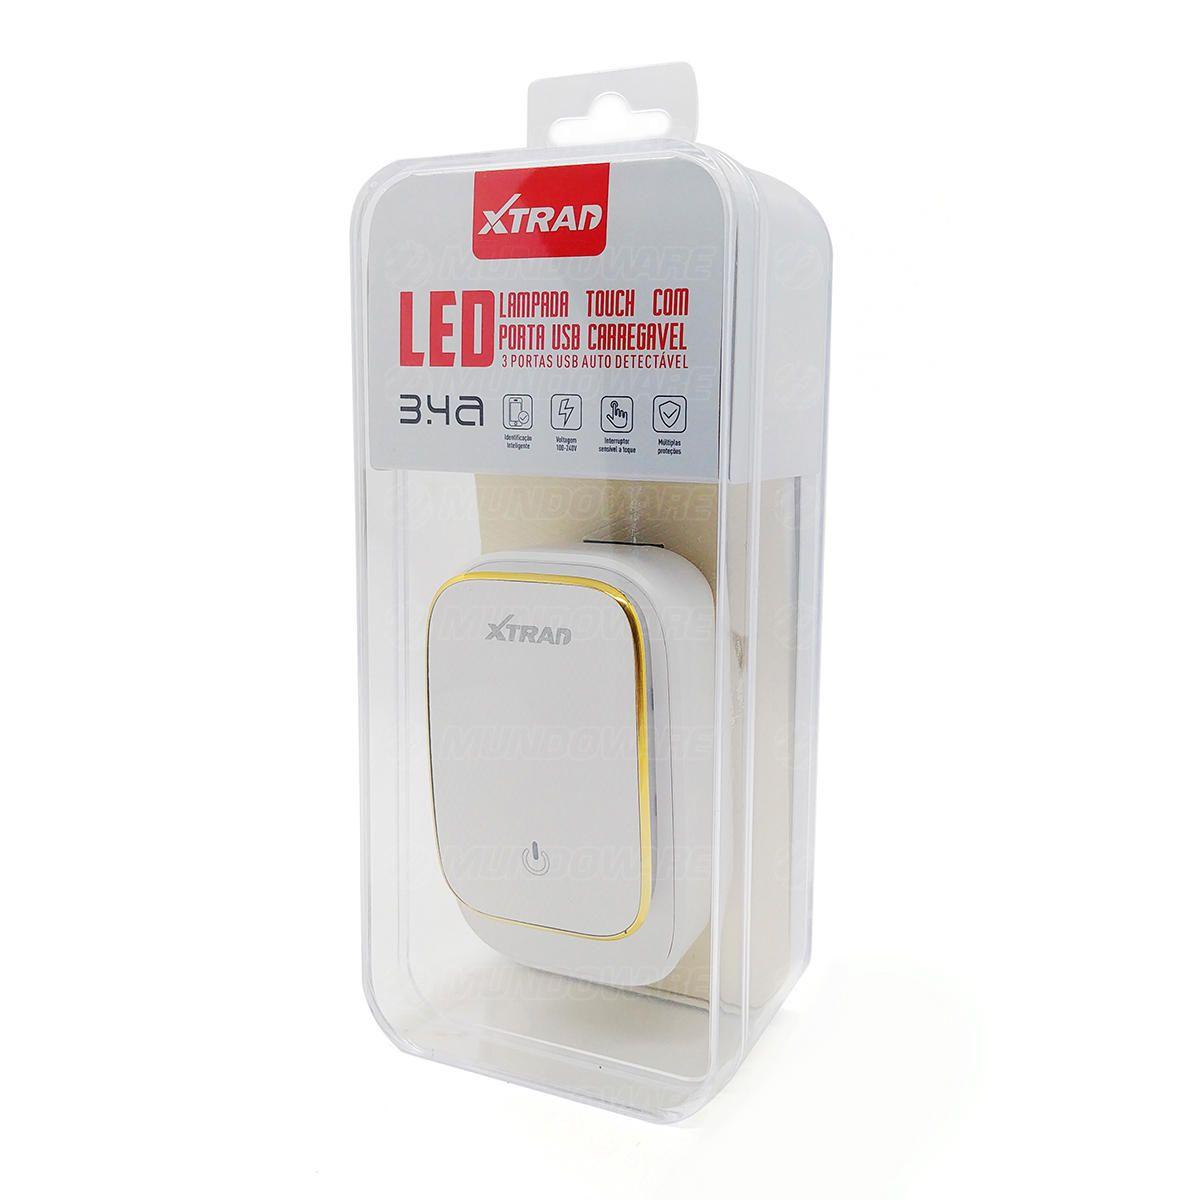 Carregador de Celular 3 Portas USB 3.4A Carga Rápida Bivolt de Parede com Lâmpada LED Touch Xtrad A1016